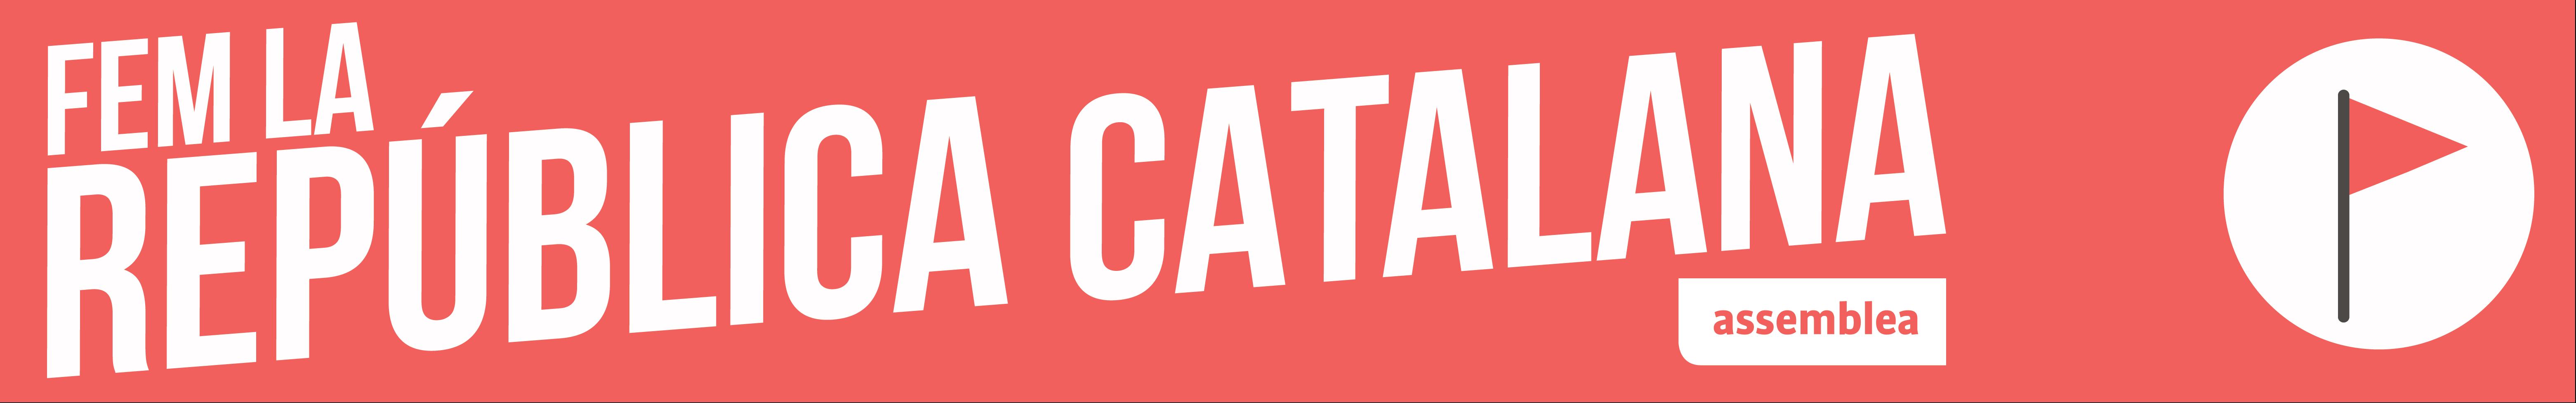 https://assemblea.cat/correus/11s2018/cap_11s2018.png